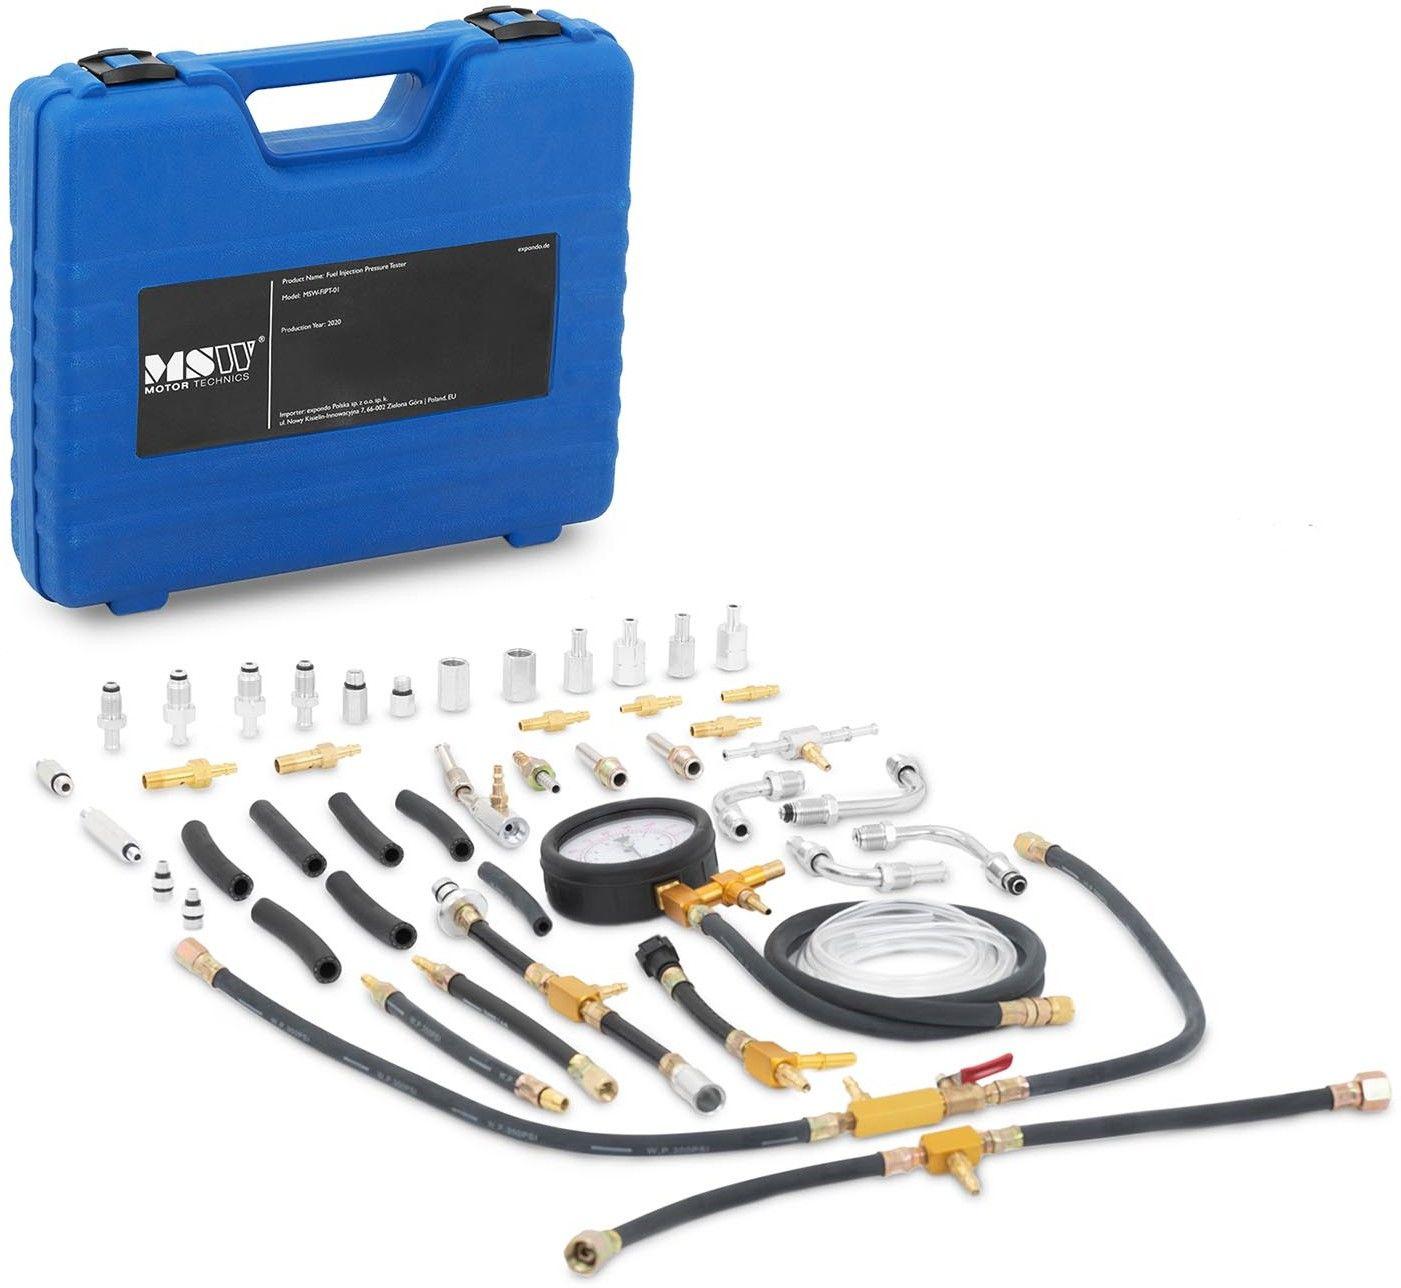 Miernik ciśnienia paliwa - benzyna - MSW - MSW-FIPT-01 - 3 lata gwarancji/wysyłka w 24h